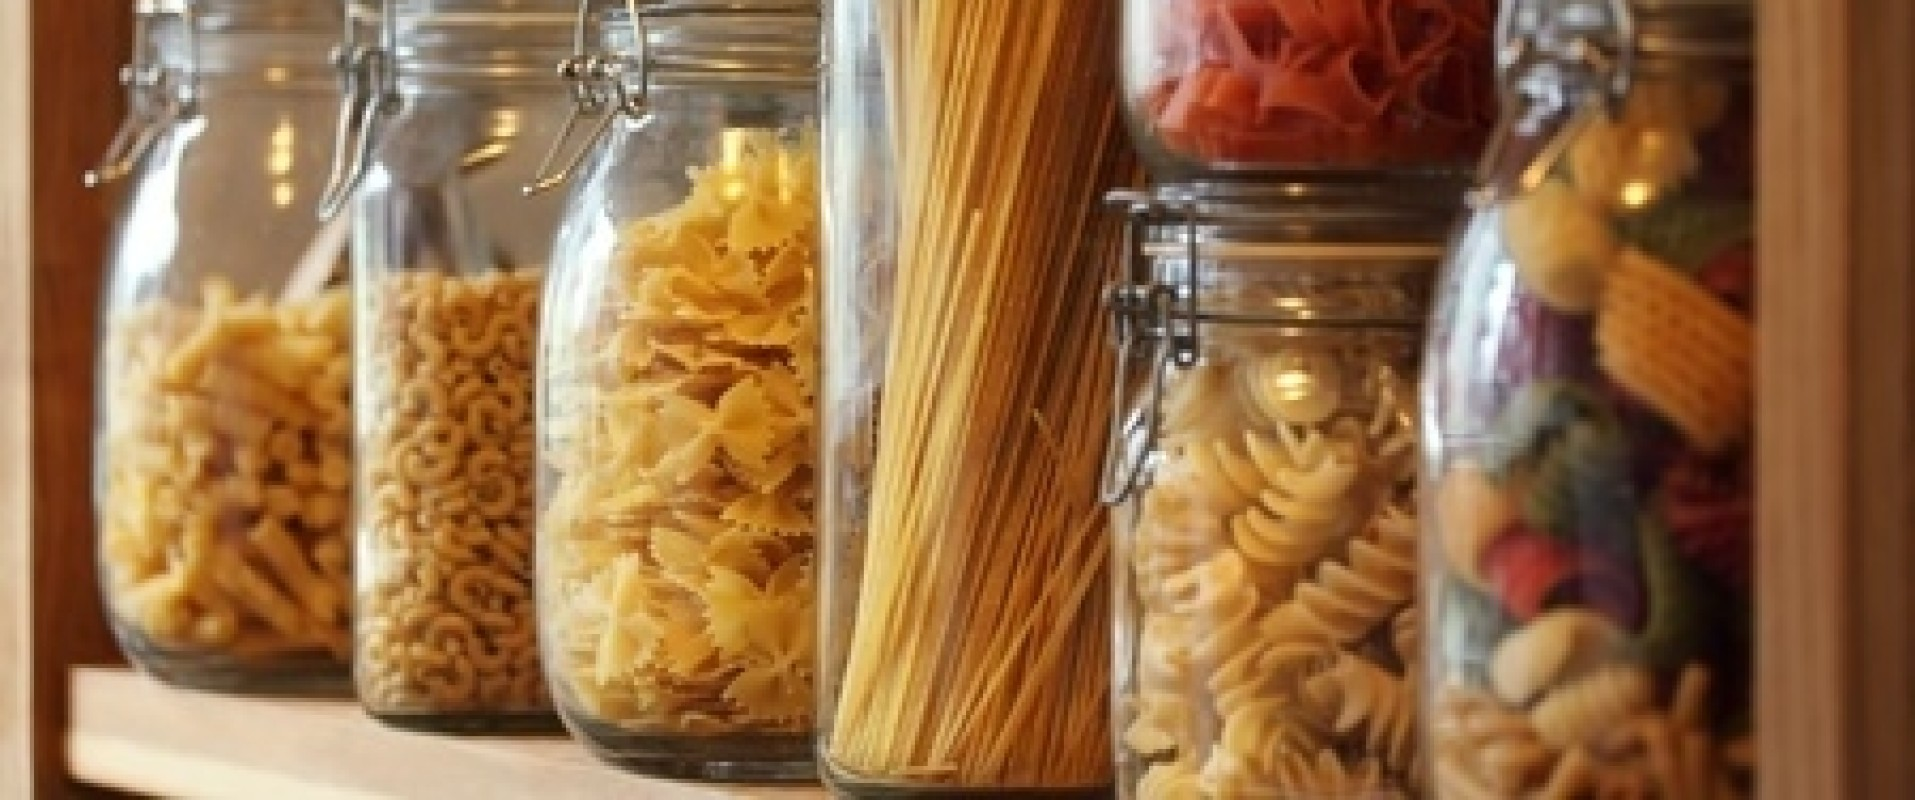 Voorraadkast opruimen, schoonmaken en handig indelen